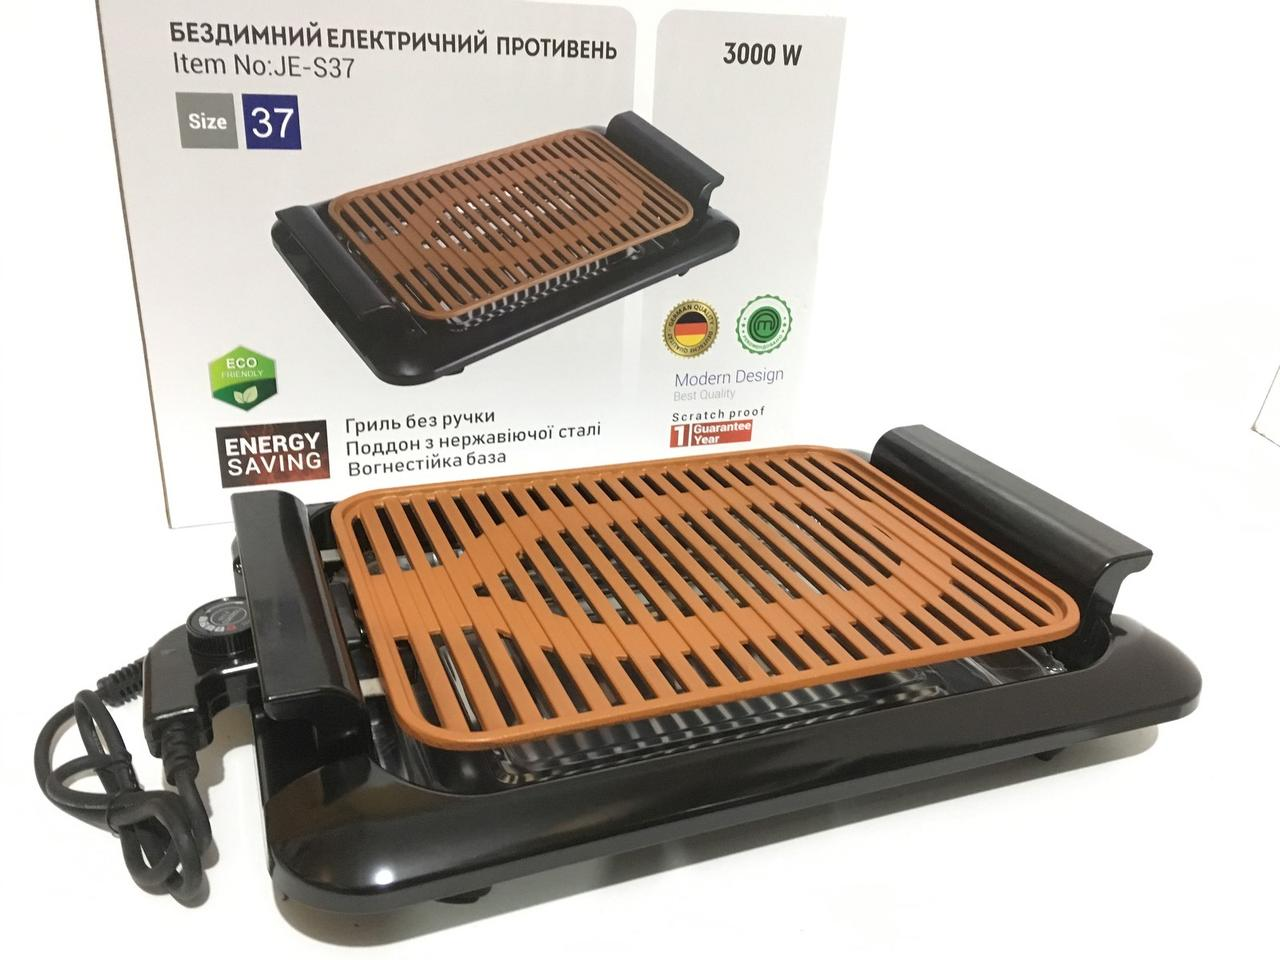 Электрический противень JE-S37 3000W